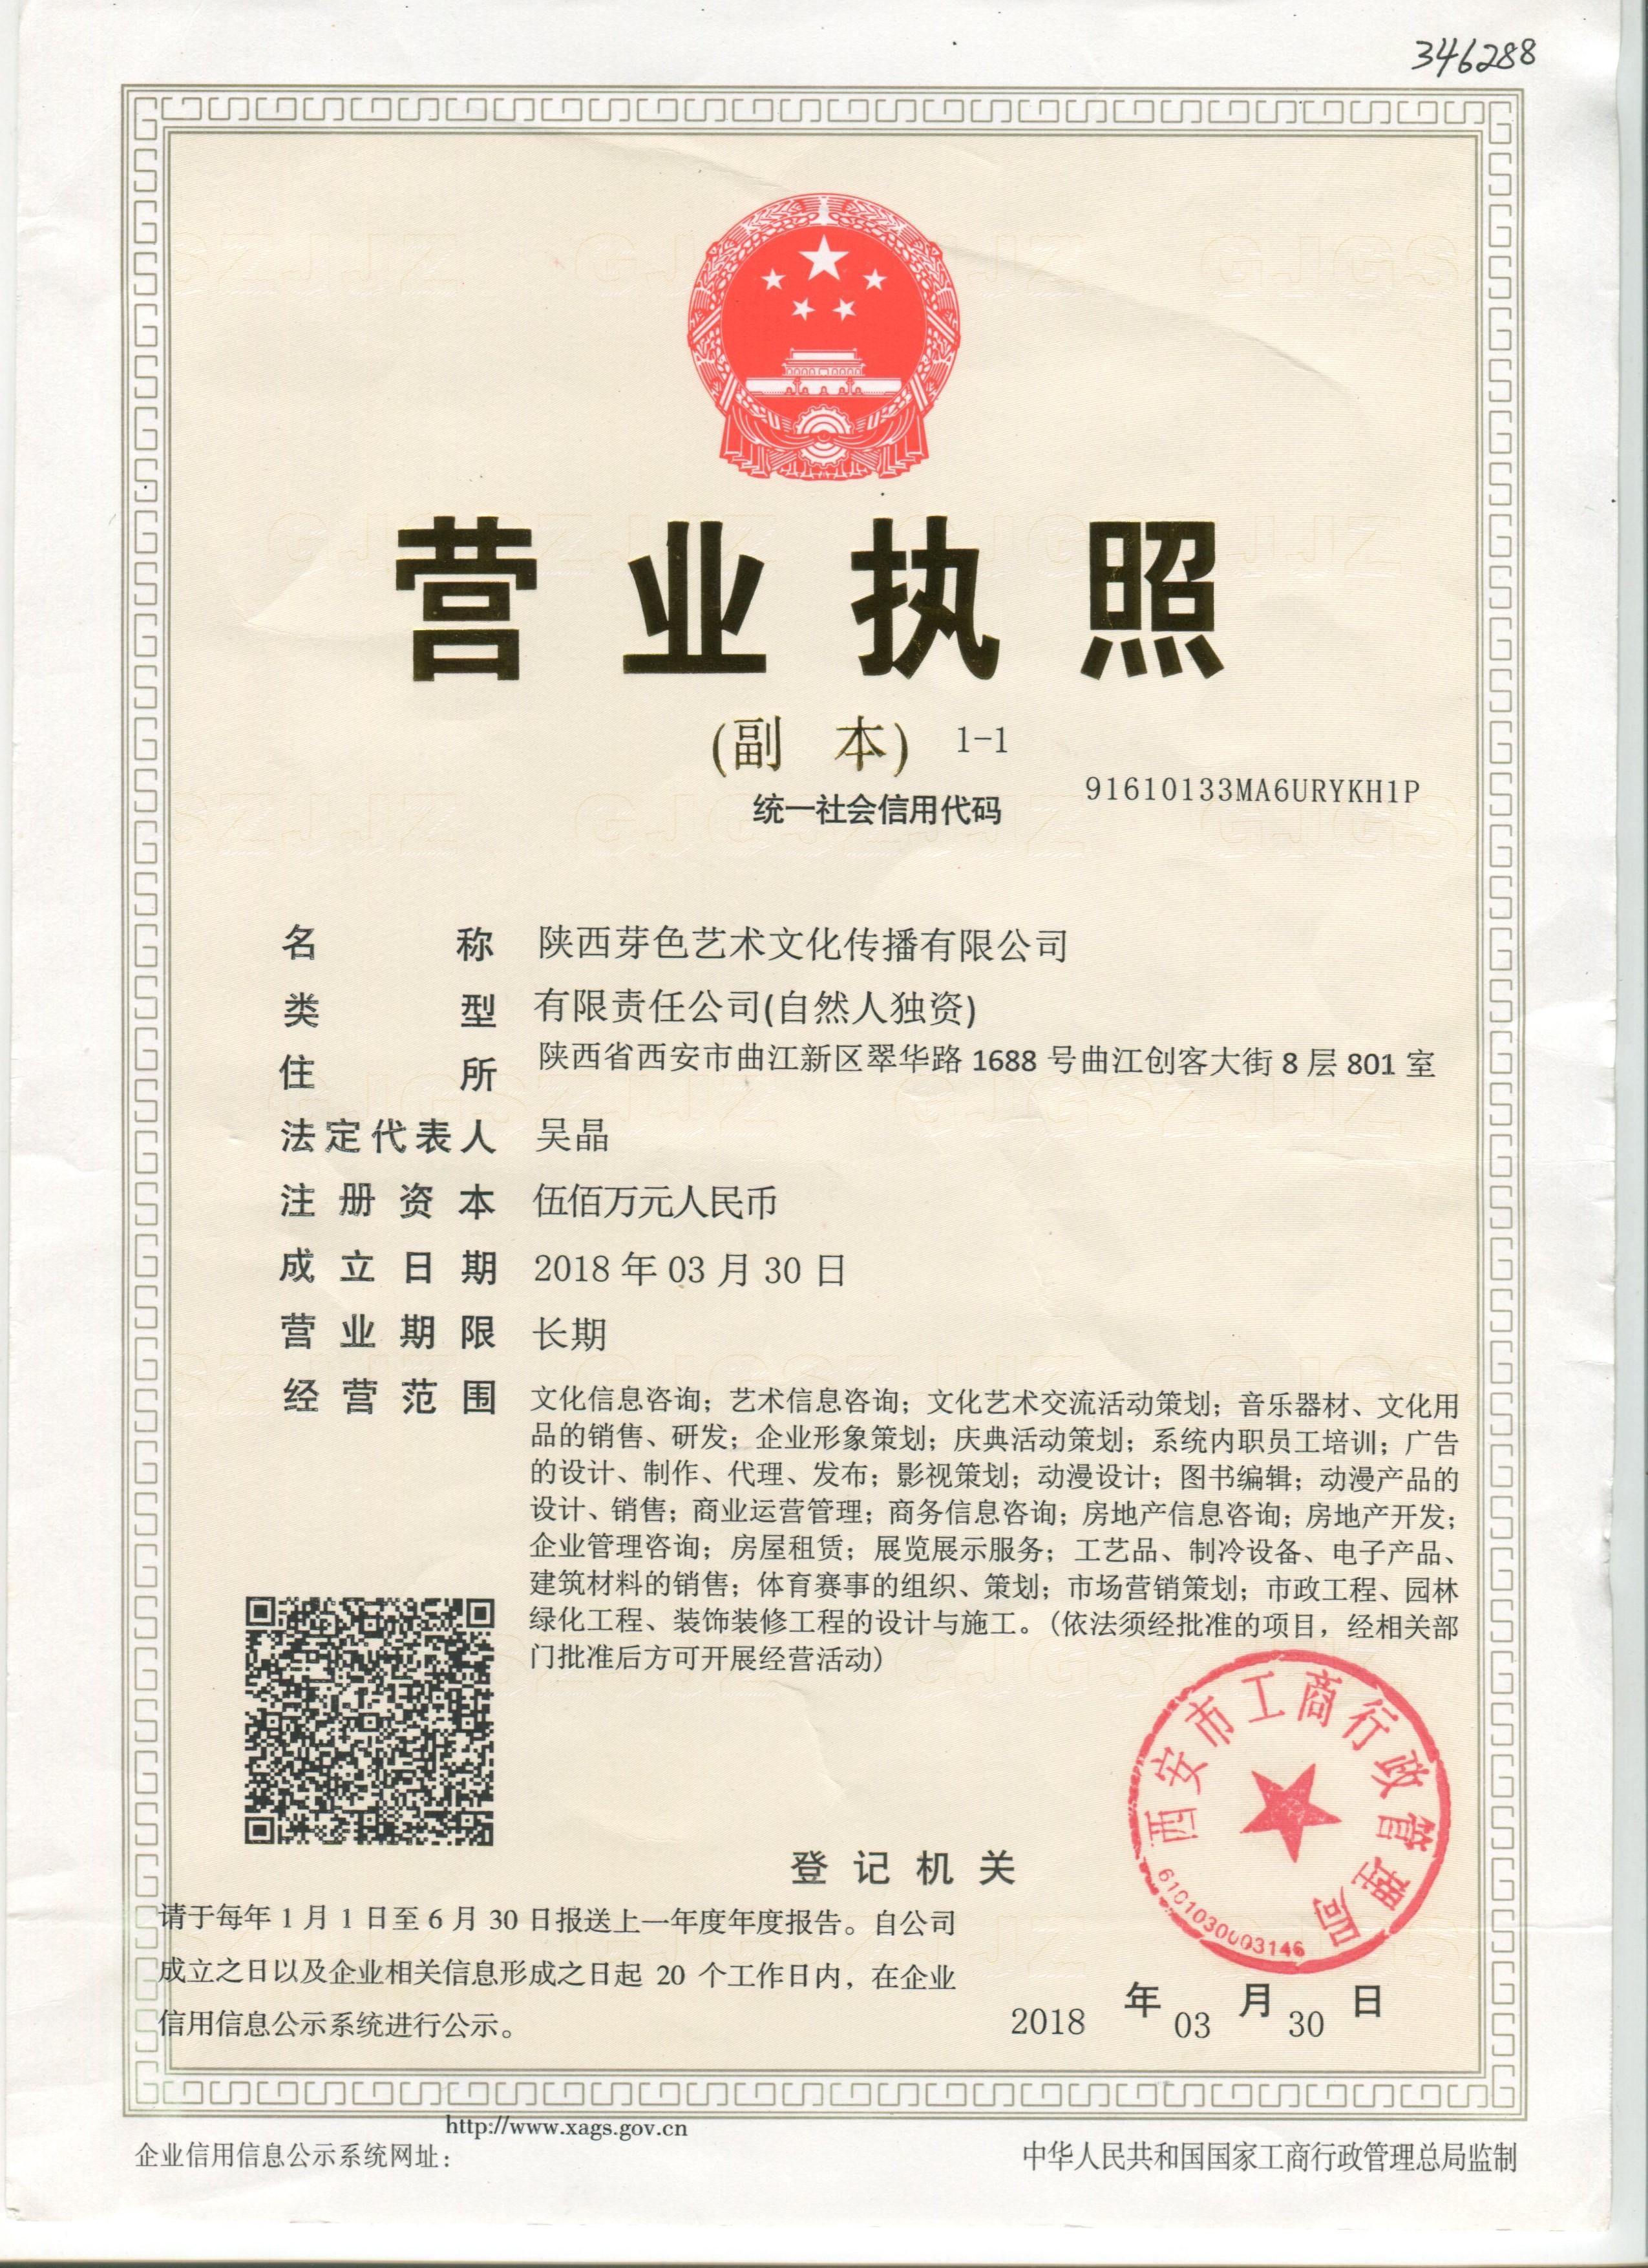 陕西芽色艺术文化传播